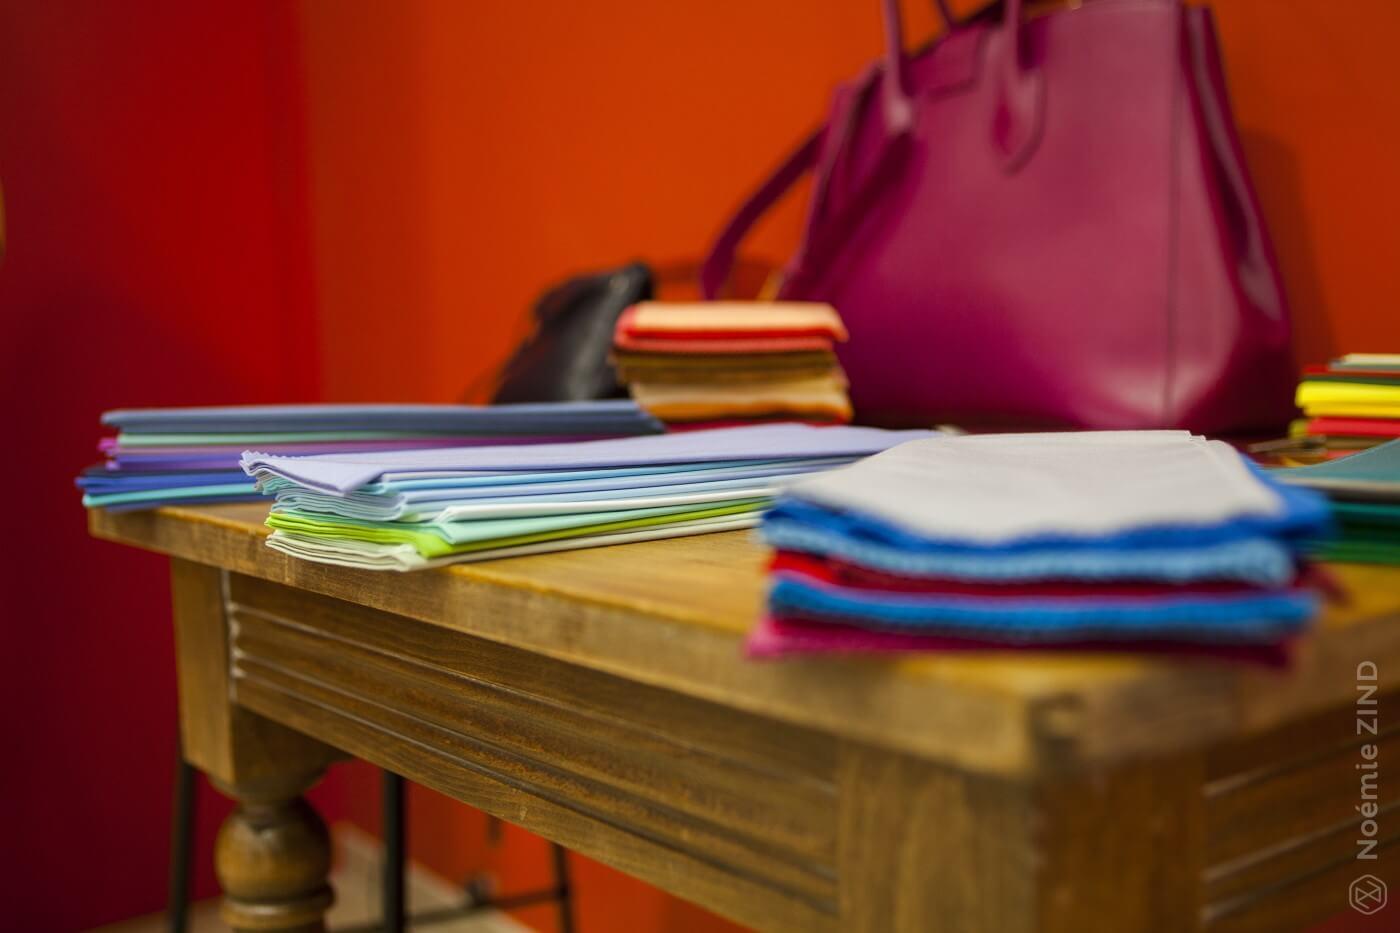 Colorimétrie,harmonie visuel,coloris naturels,vêtements,Conseil en Image,image,harmonie visuelle,analyse de couleur,bilan d'image,analyse silhouette